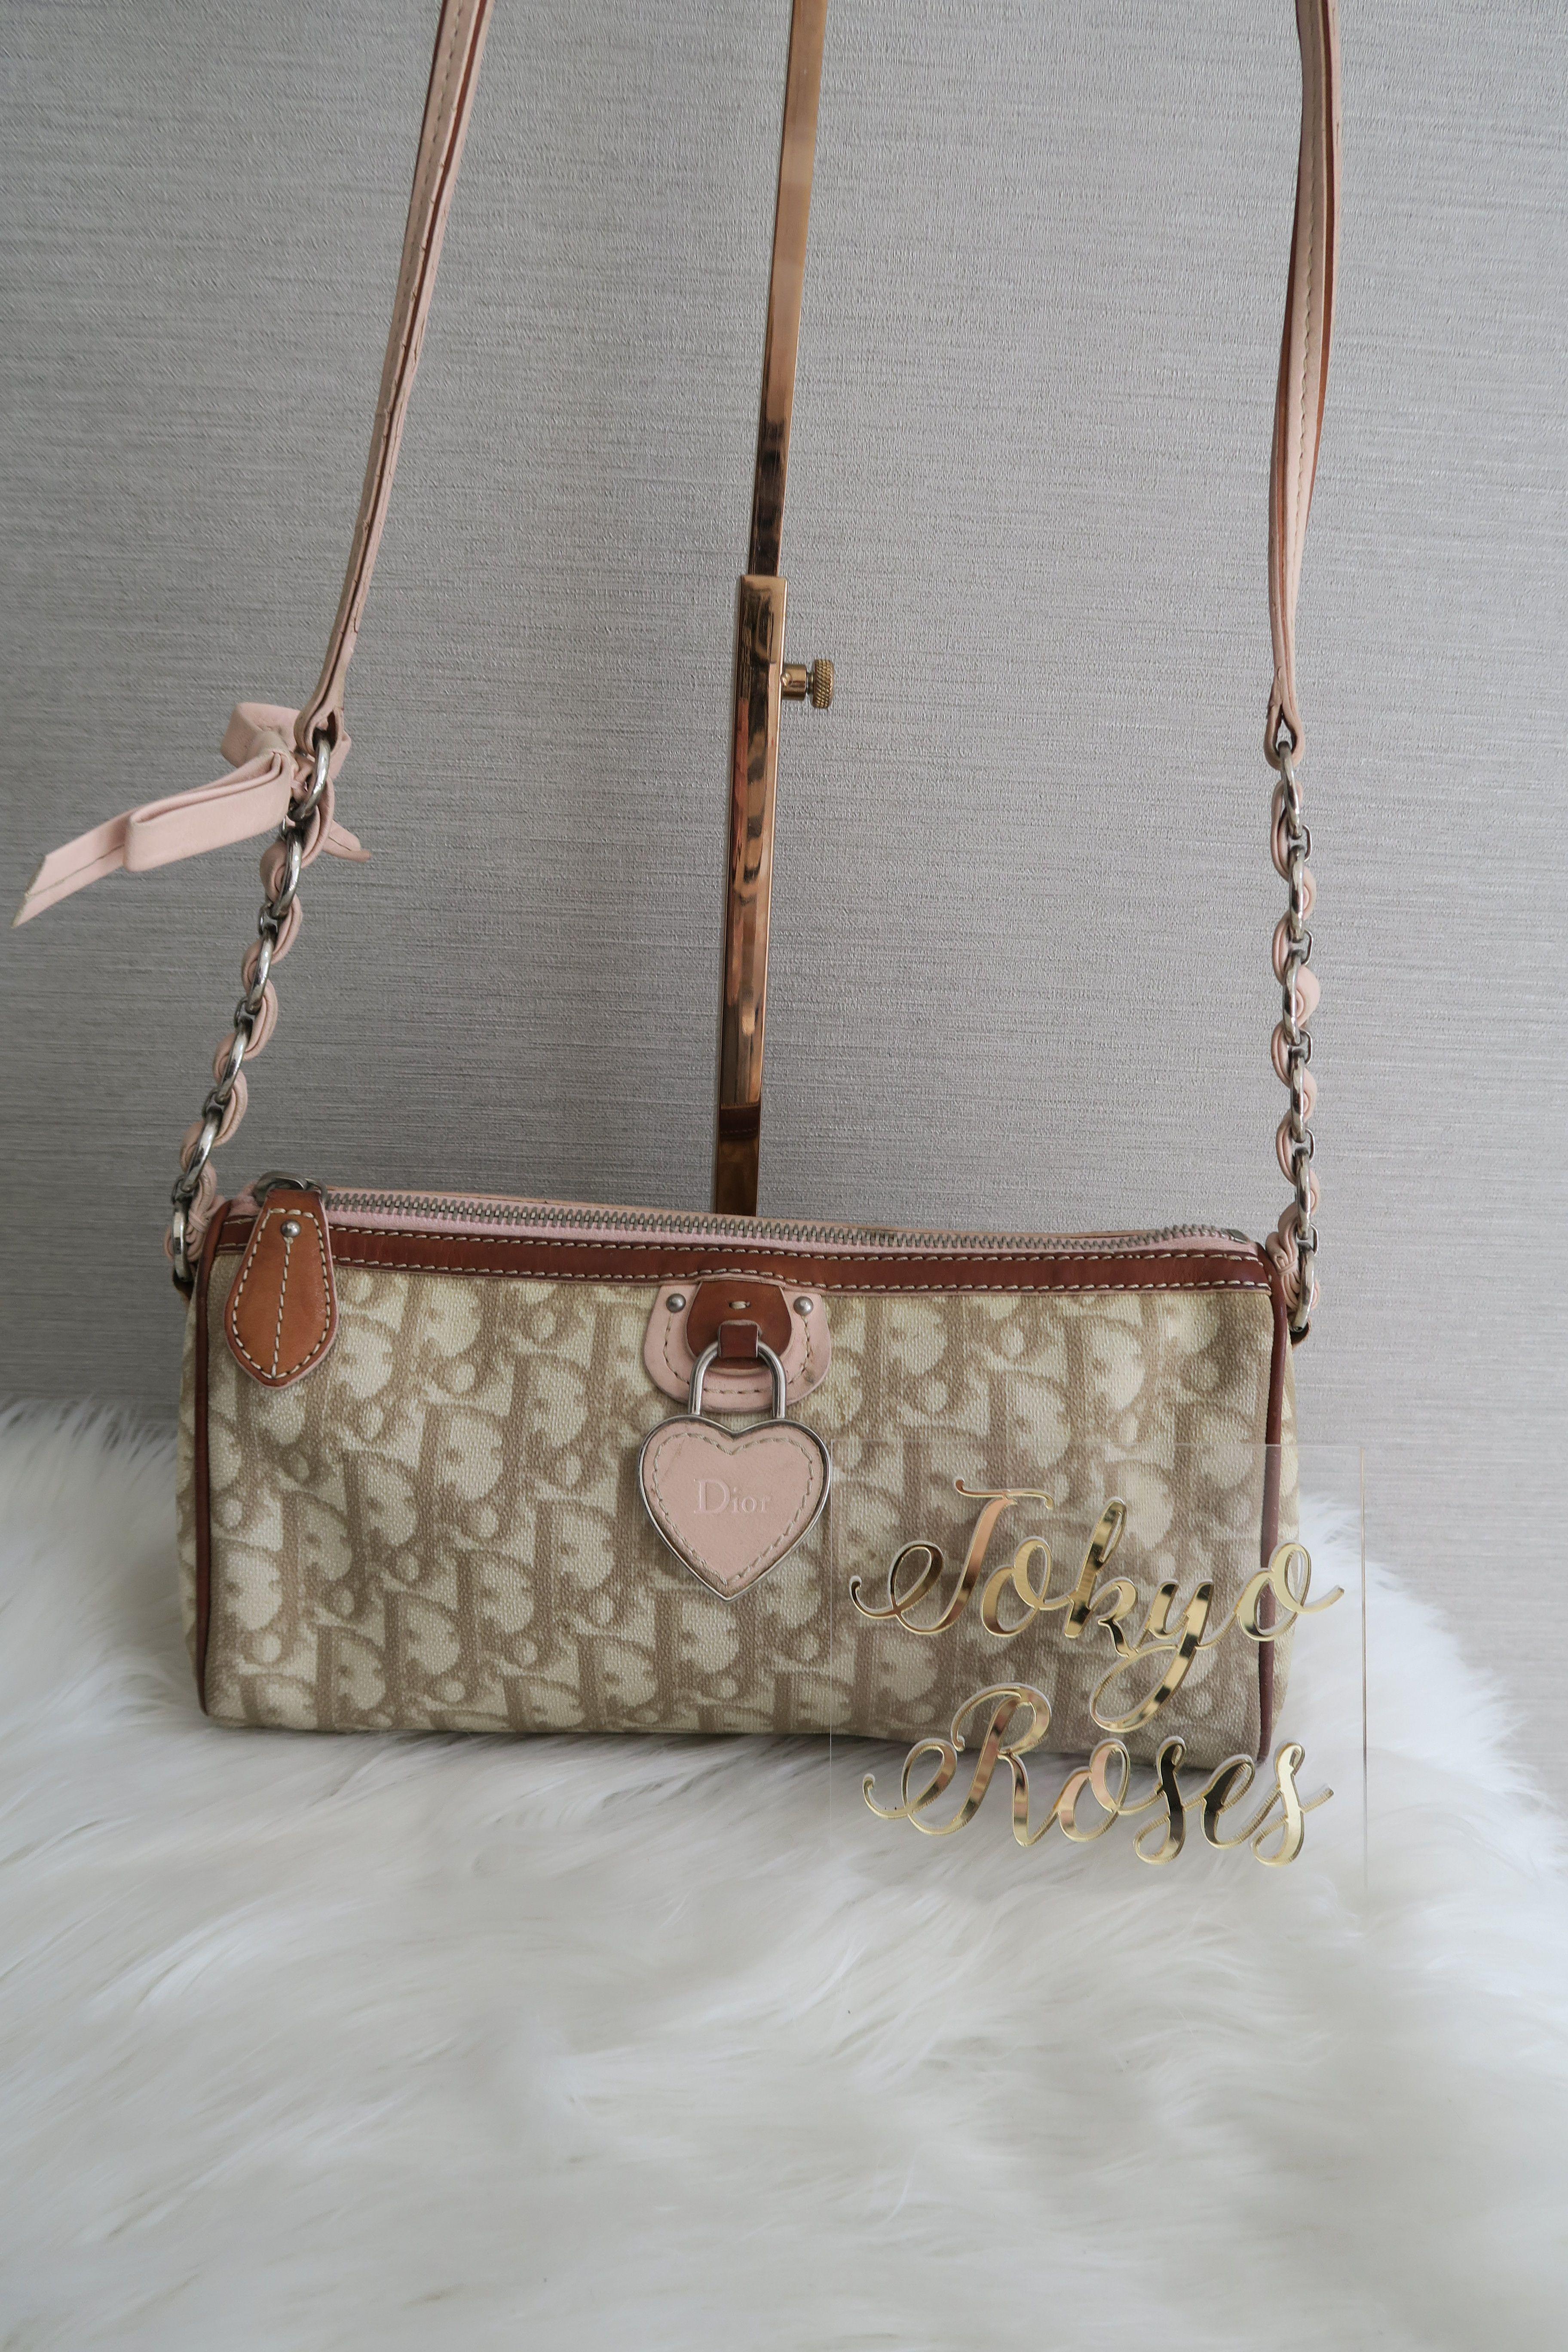 0e66d83761 Christian Dior Romantique Crossbody Trotter Oblique Logo Monogram Print  Handbag